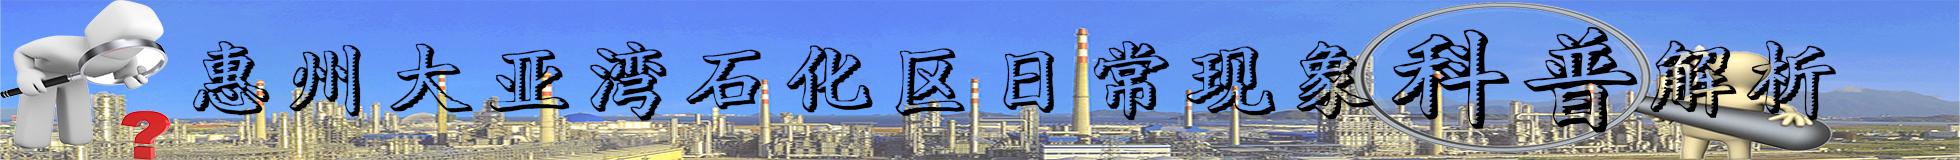 惠州大亚湾石化区日常现象科普解析